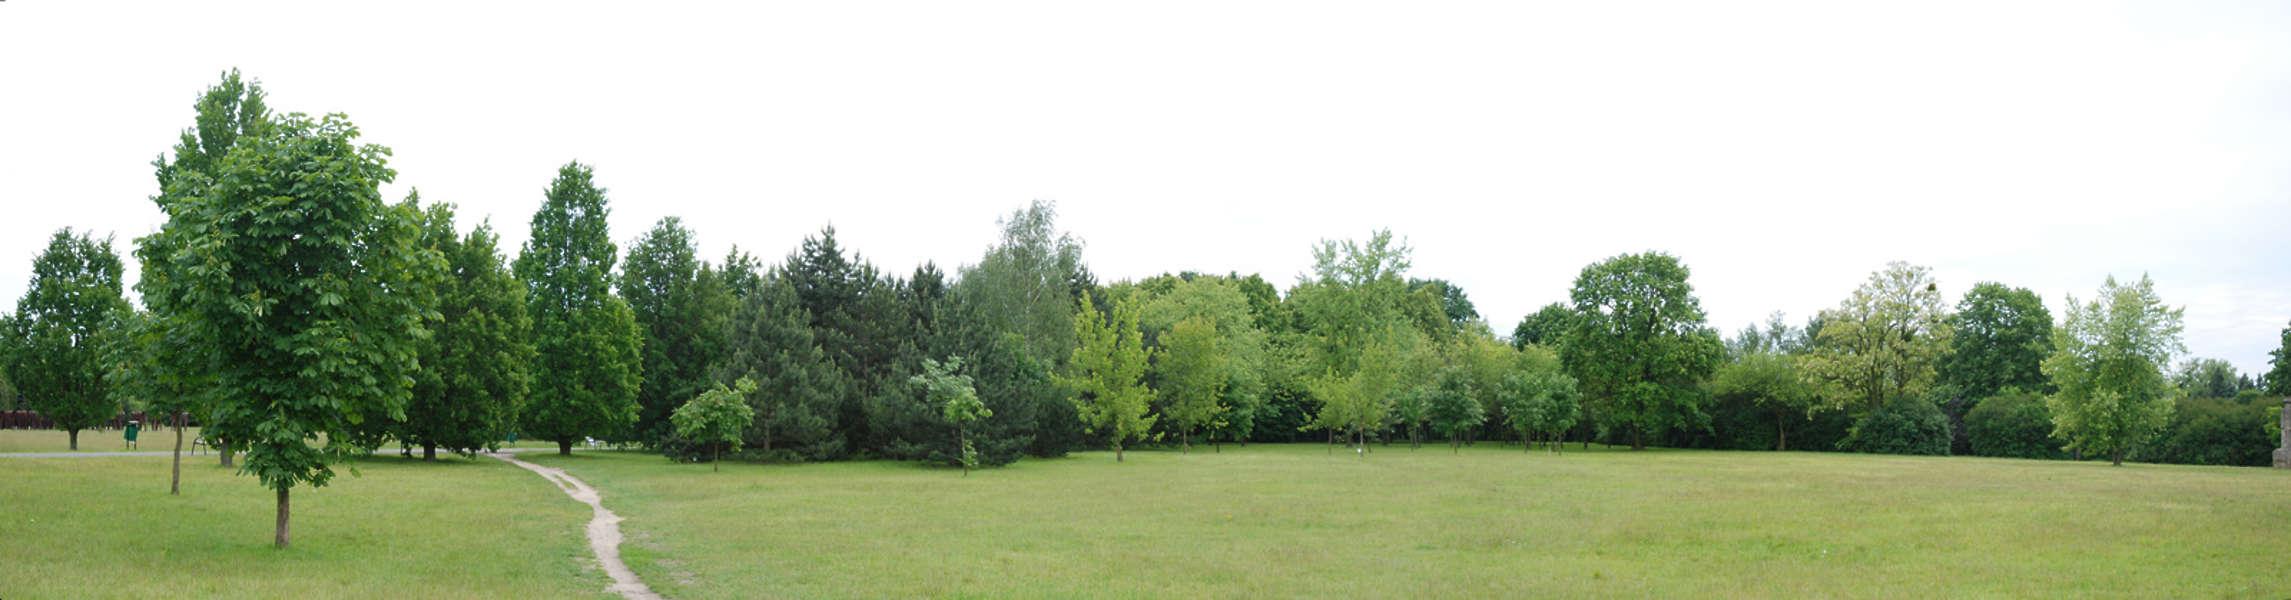 Trees0009 Free Background Texture Tree Trees Treeline